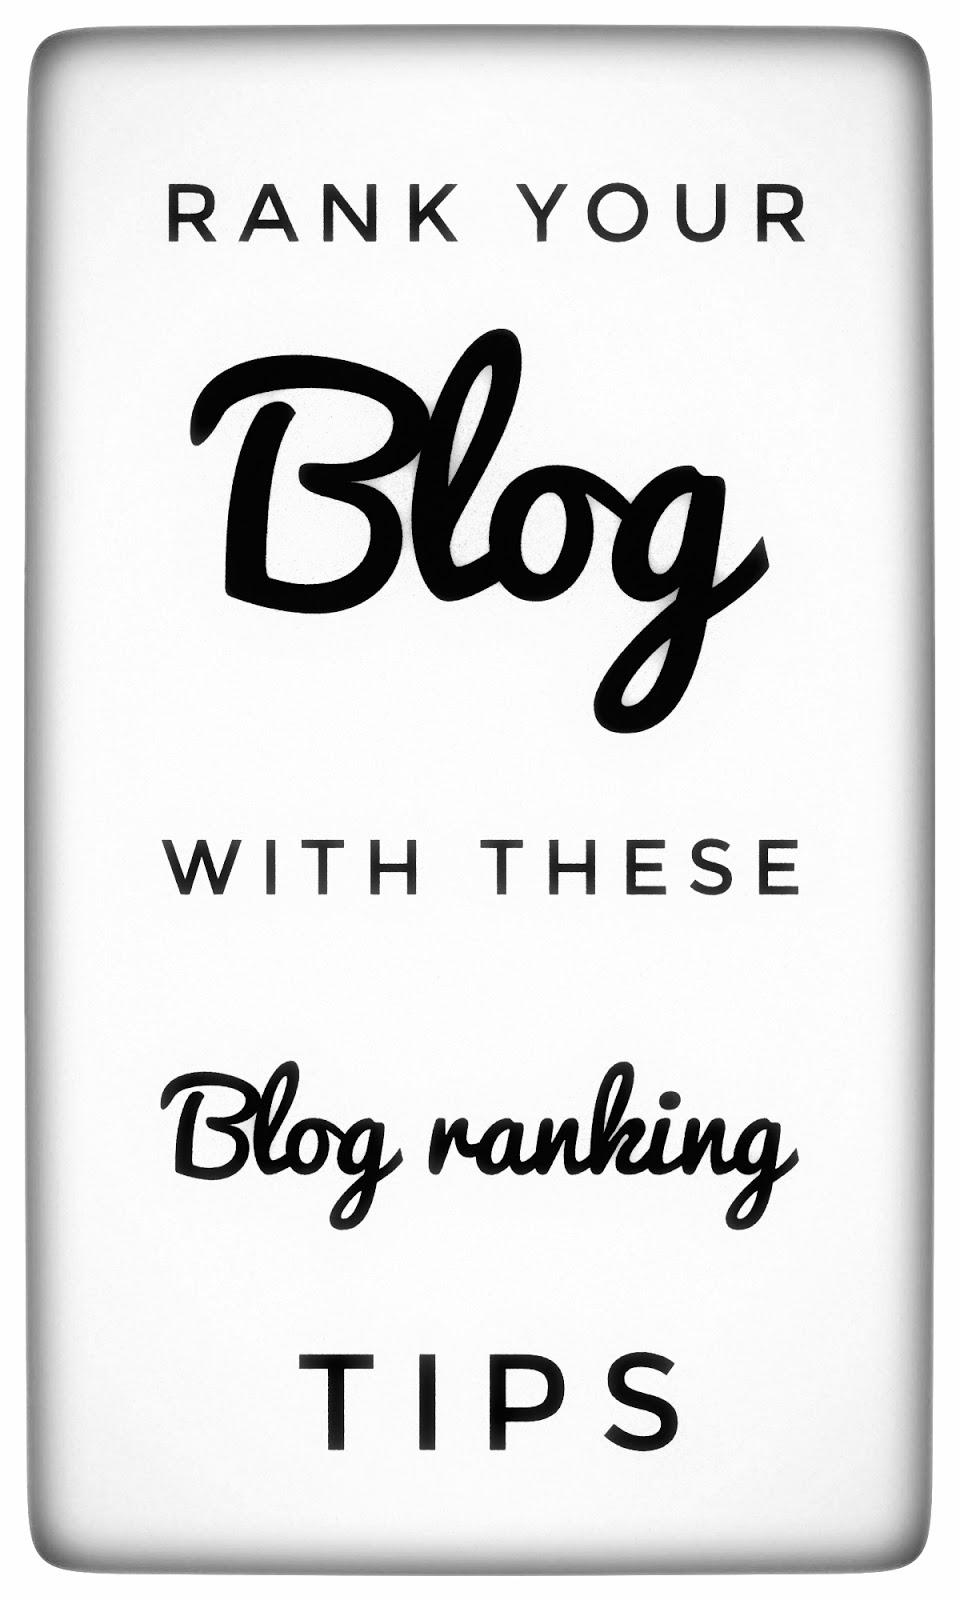 5 best blog ranking tips [ 2019 ]